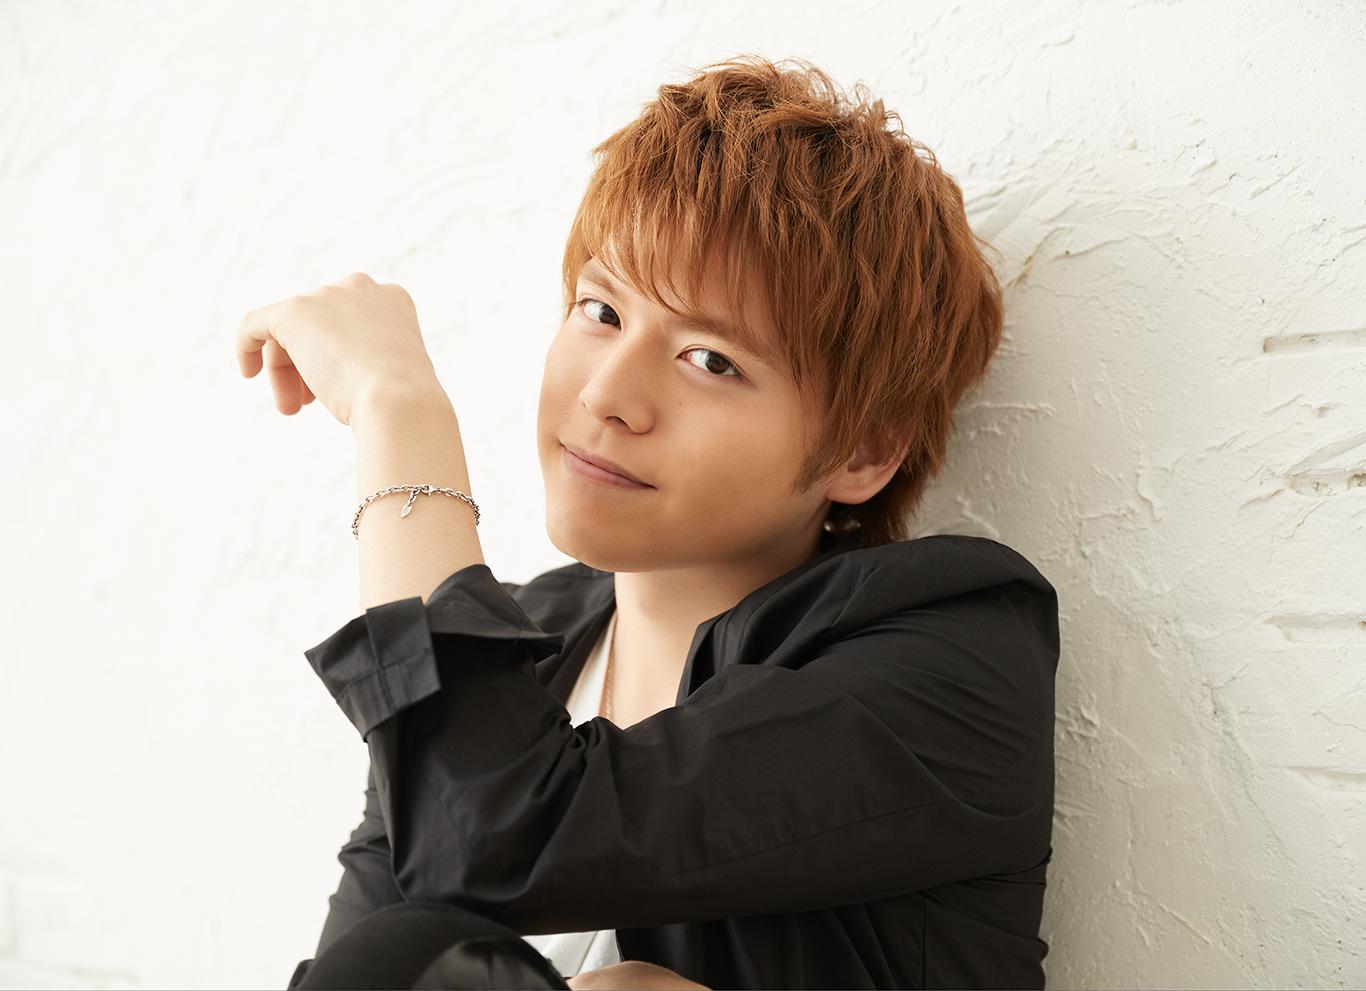 みんなを笑顔にするために、僕に何ができるか——内田雄馬、音楽活動の原点。